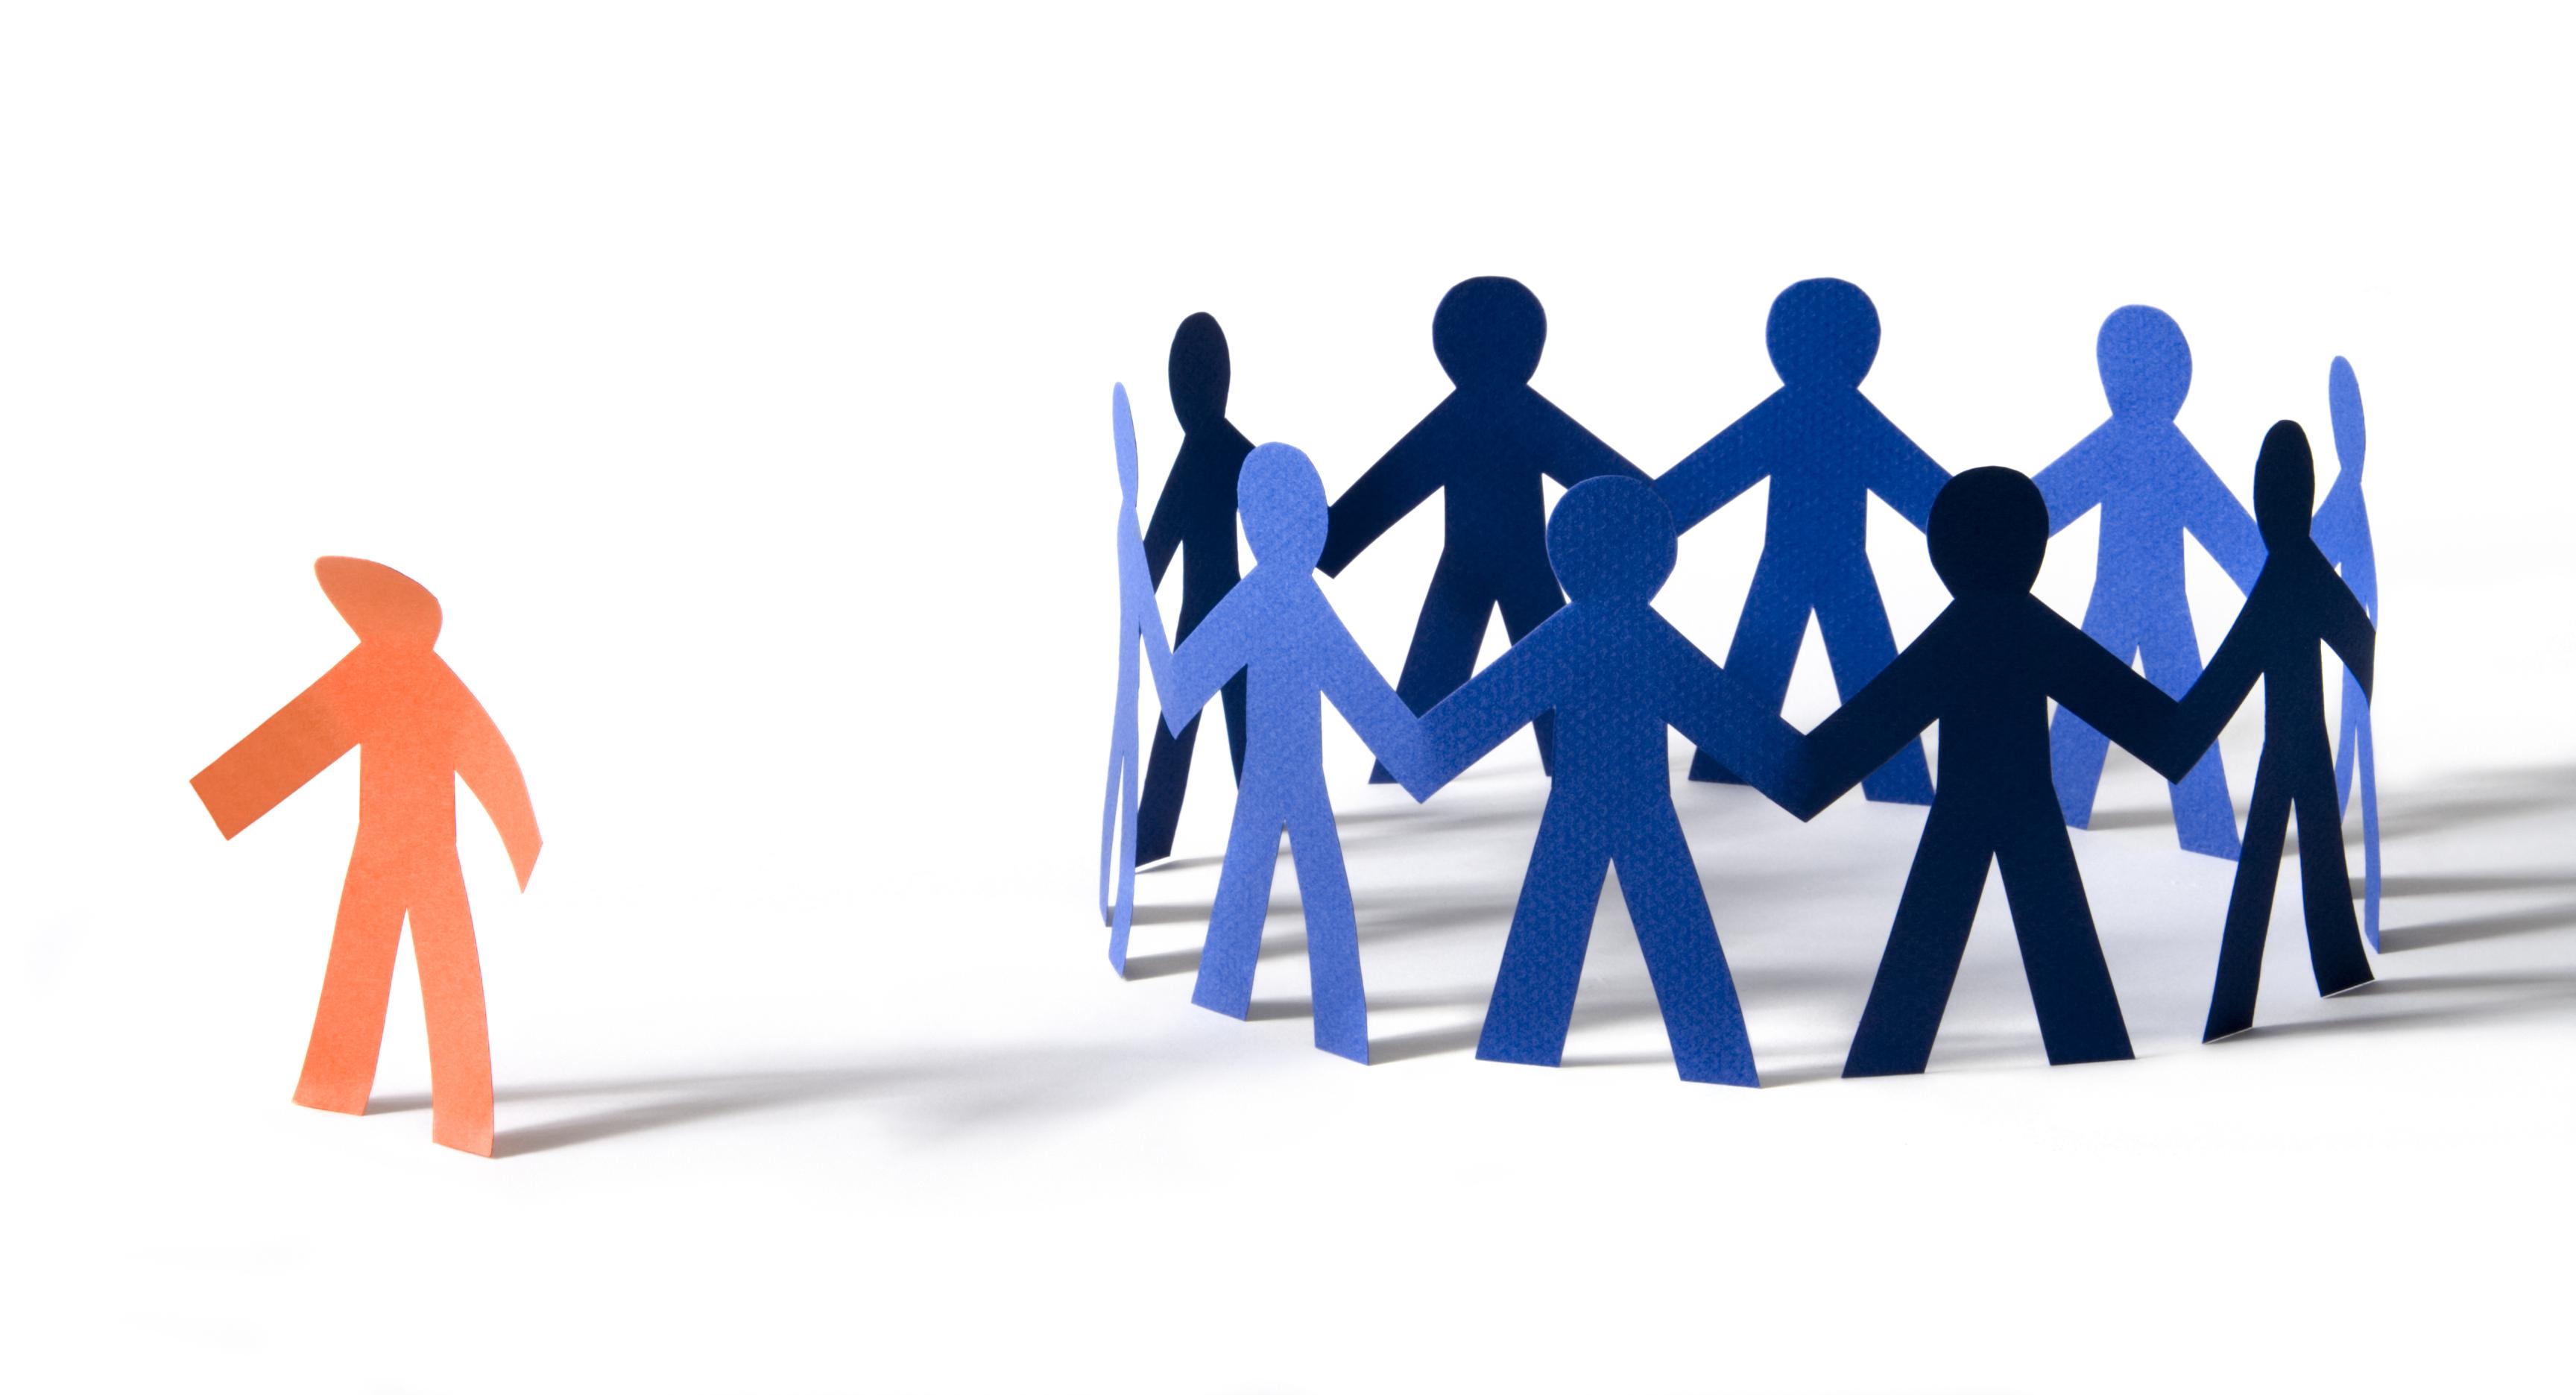 Что такое дискриминация - ее виды, основные признаки и как бороться с дискриминацией?